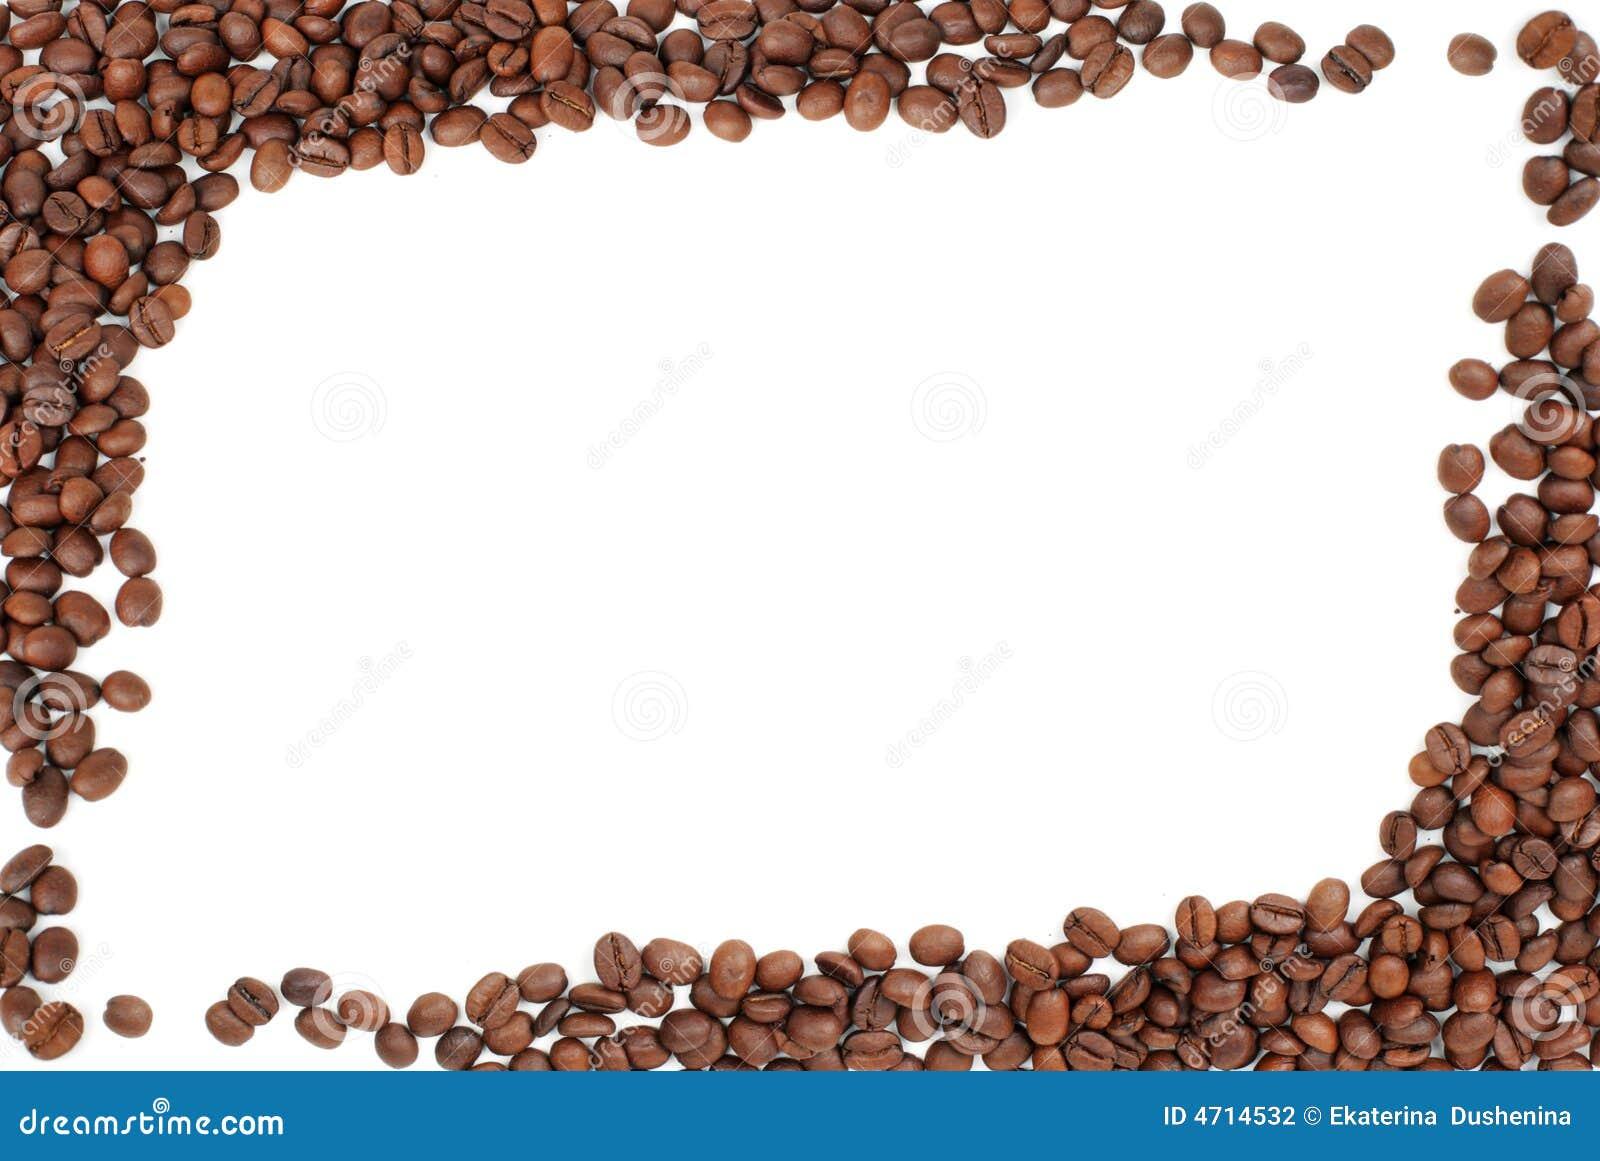 Coffee Bean Border ~ Frame of coffee beans on white stock photo image